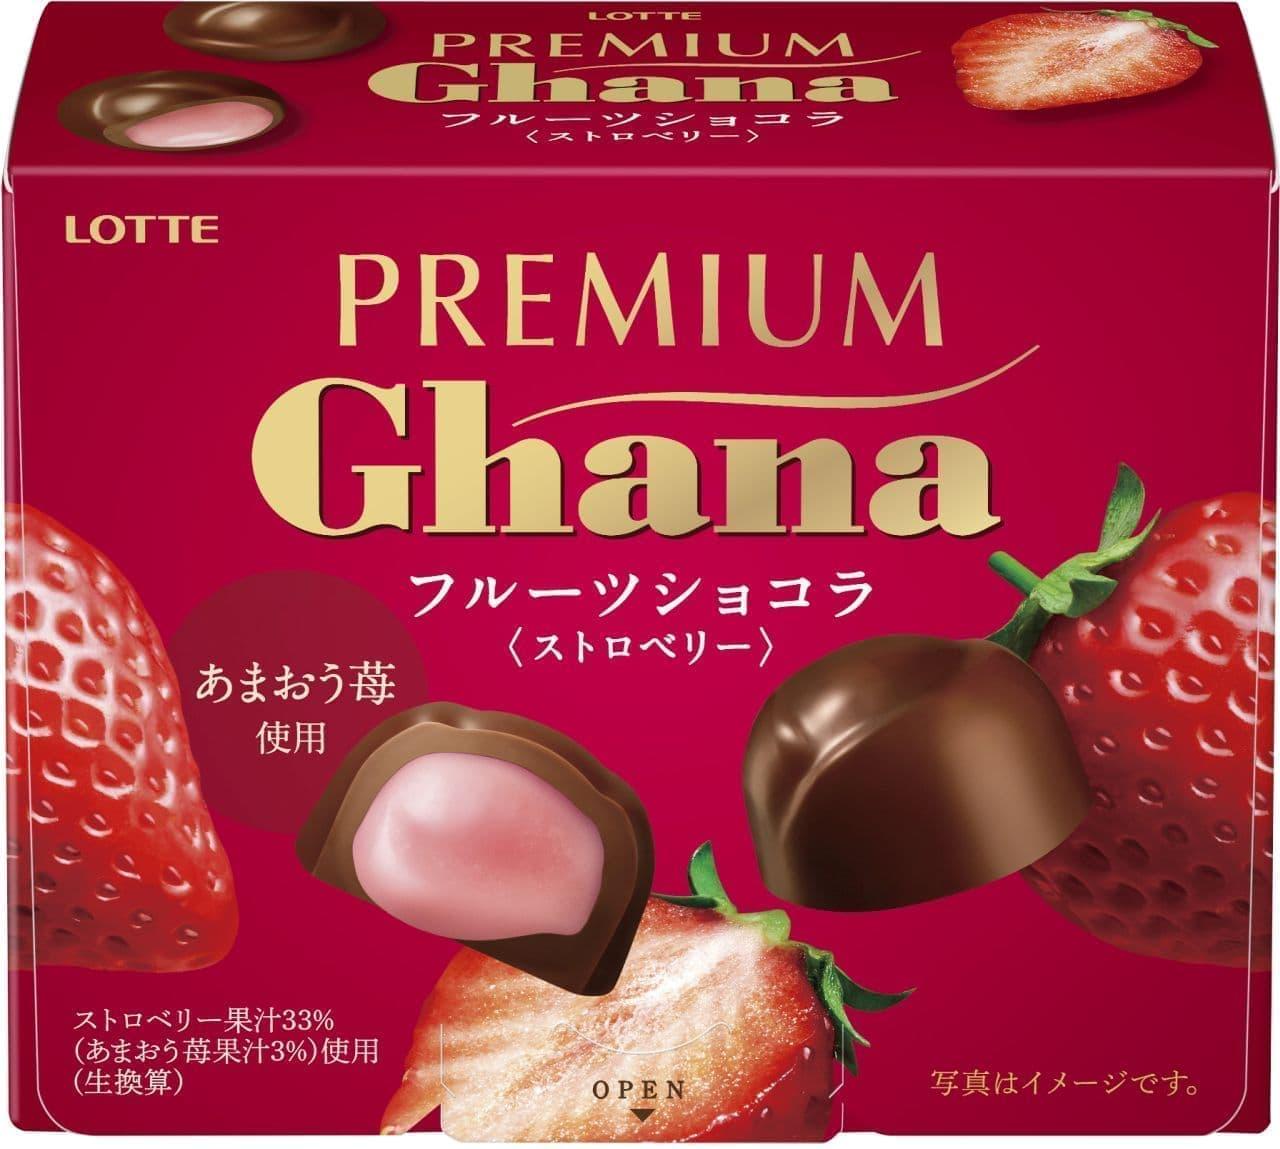 プレミアムガーナ フルーツショコラ<ストロベリー>